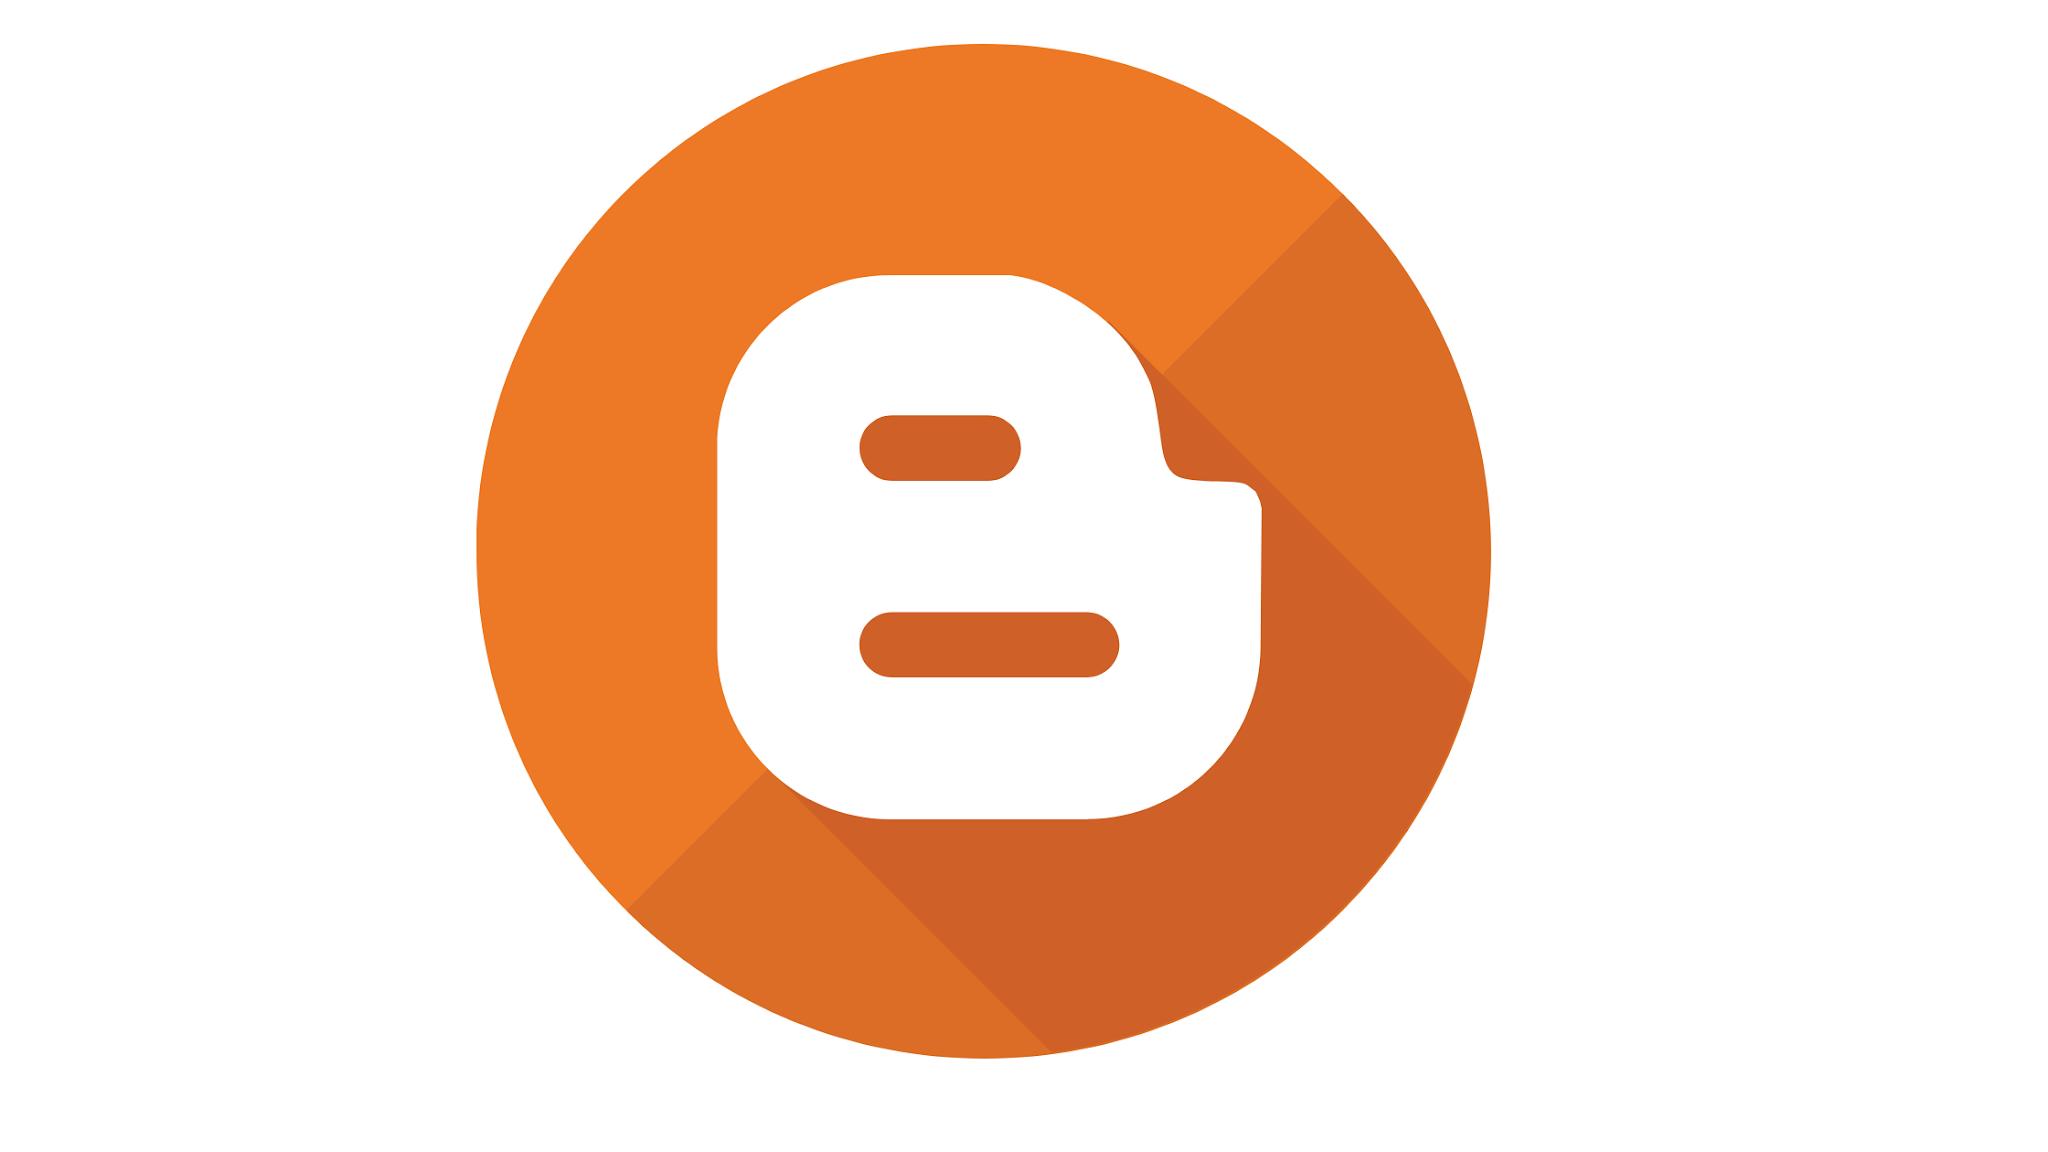 ब्लॉगर क्या है इससे पैसा कैसे कमाए